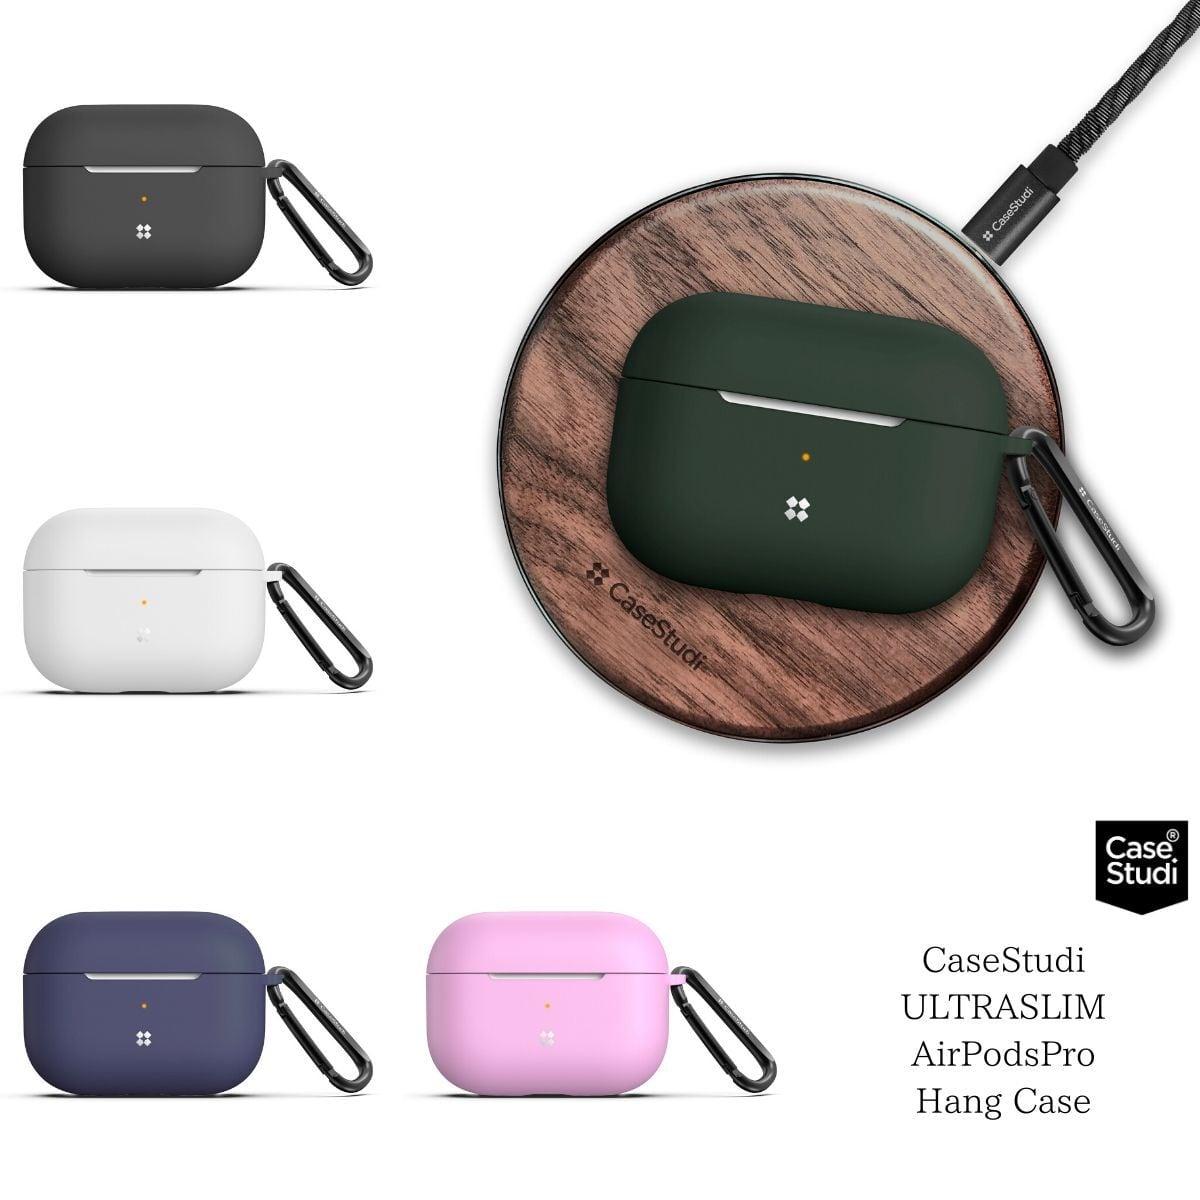 Apple AirPodsPro ケース シリコン エアーポッズプロ カバー MWP22J/A カラビナ CaseStudi ケーススタディ ワイヤレスイヤホン